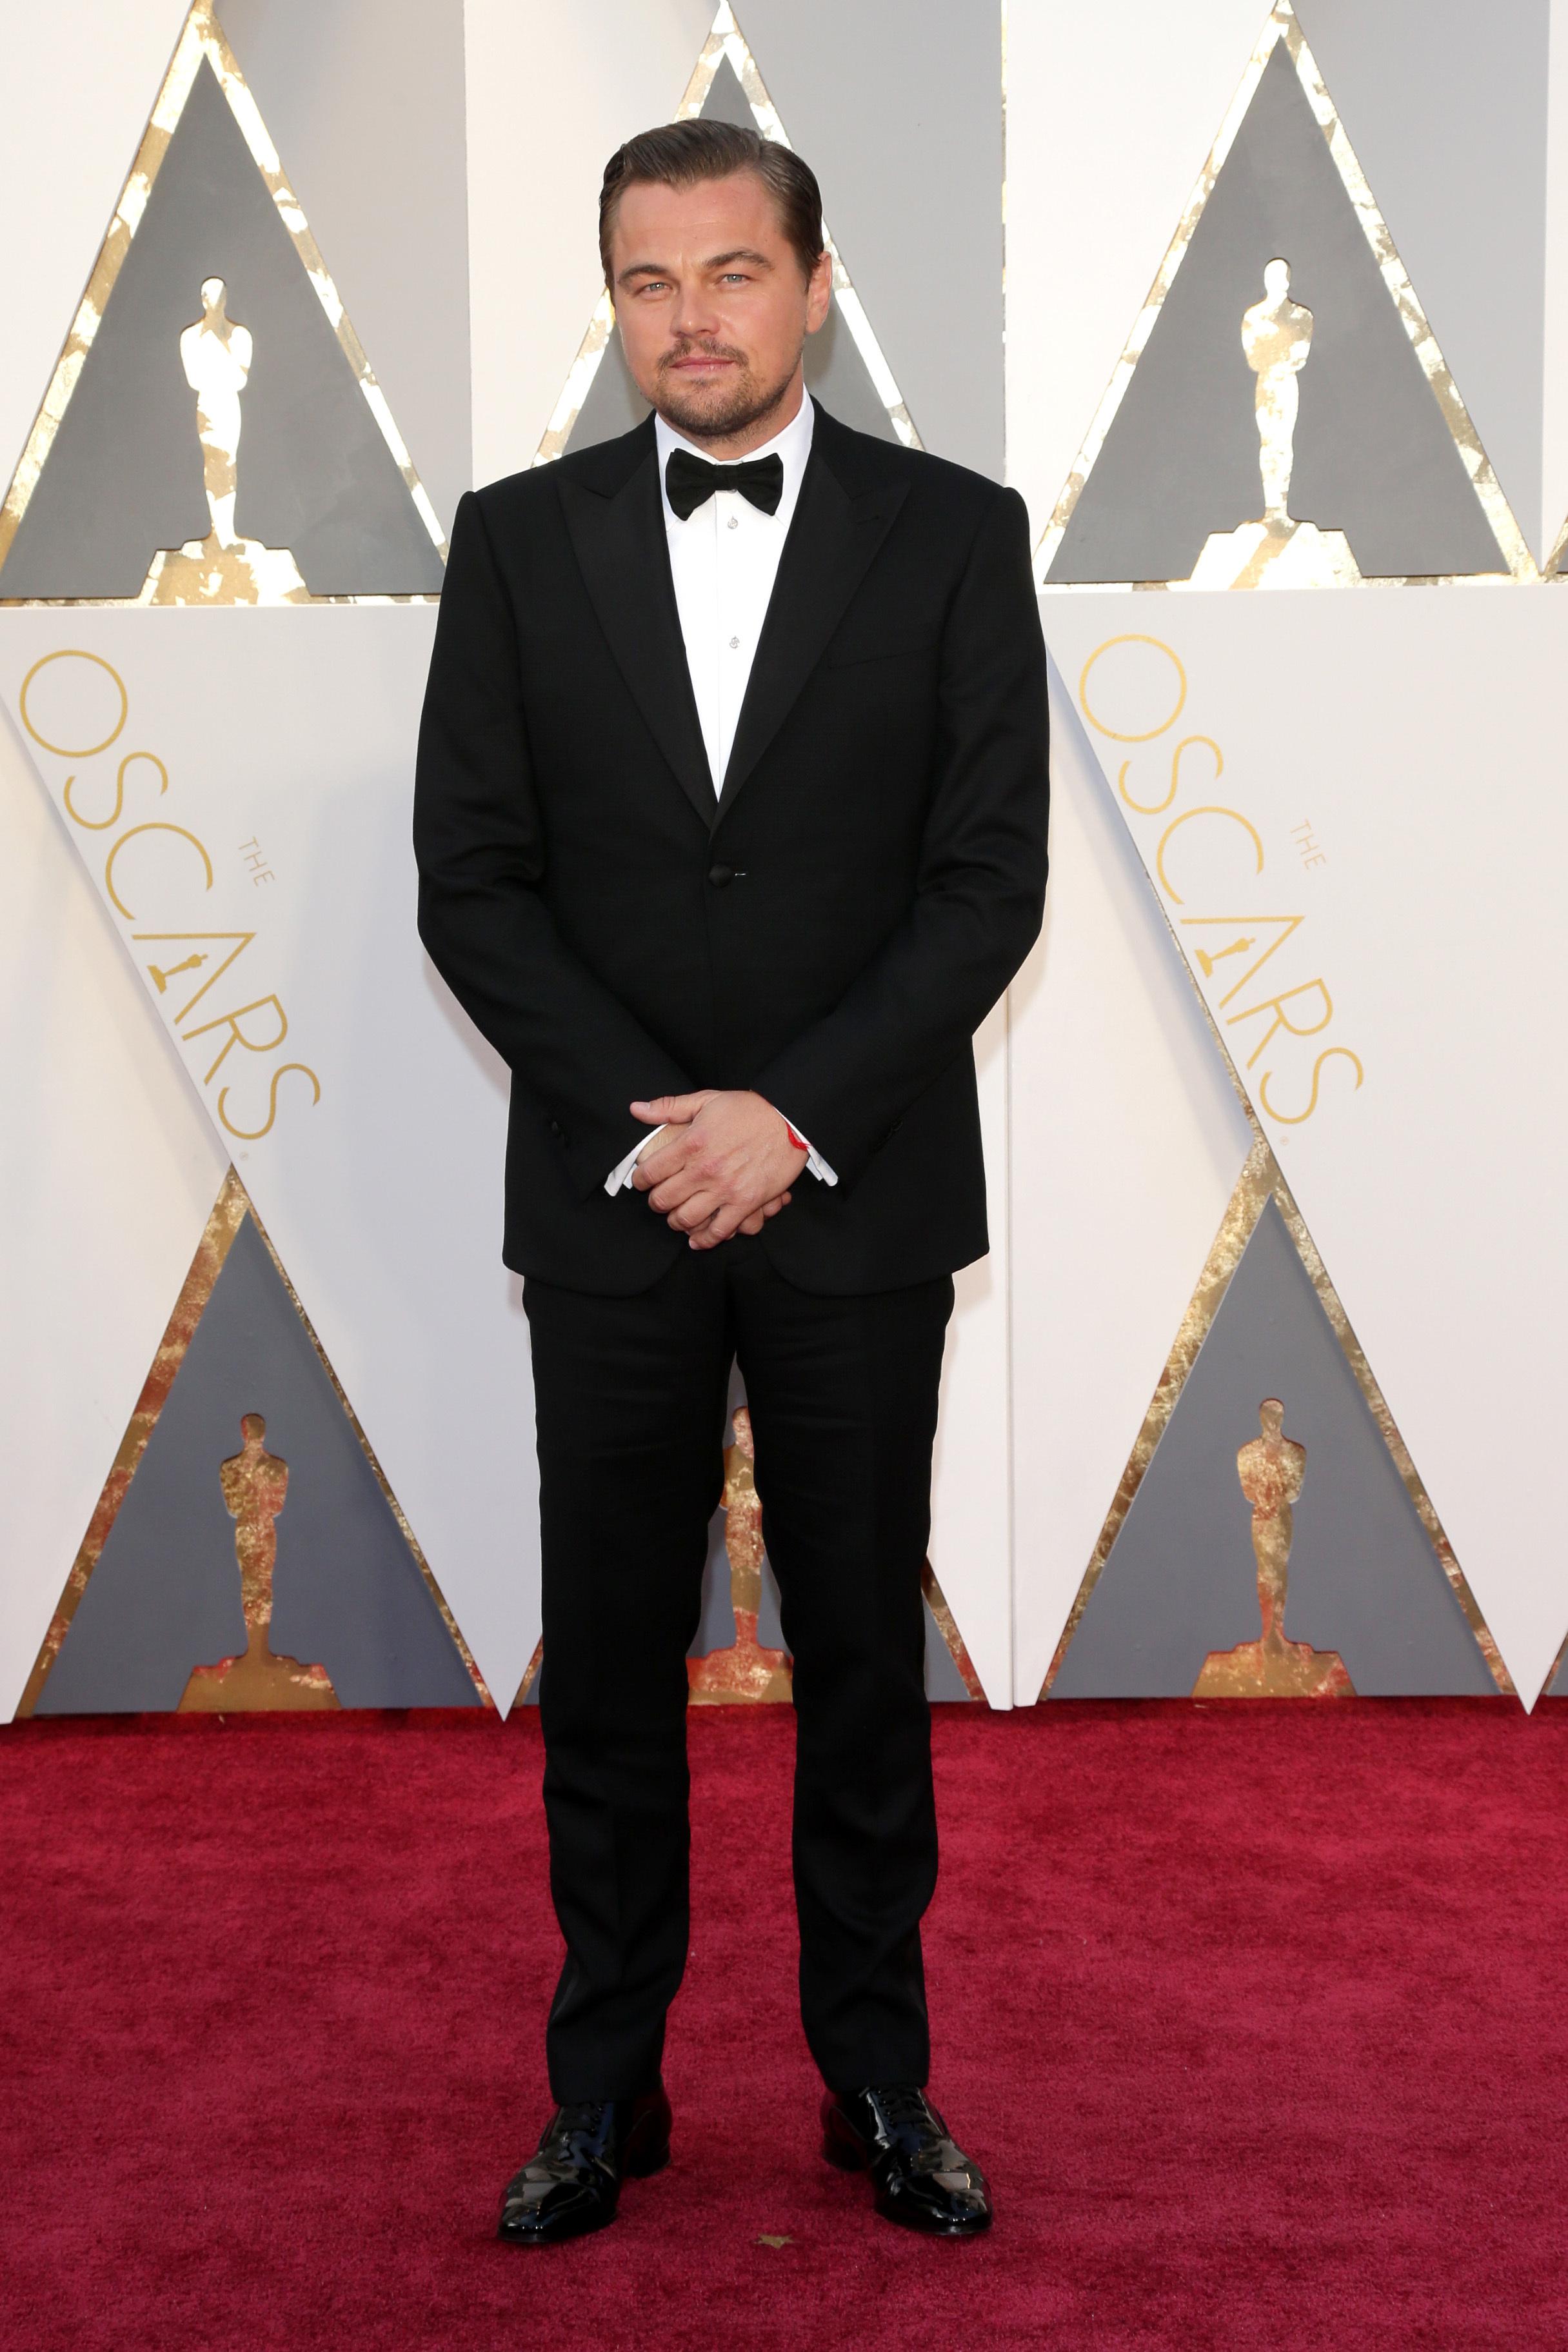 Leonardo DiCaprio buys an $18k bag for a special lady